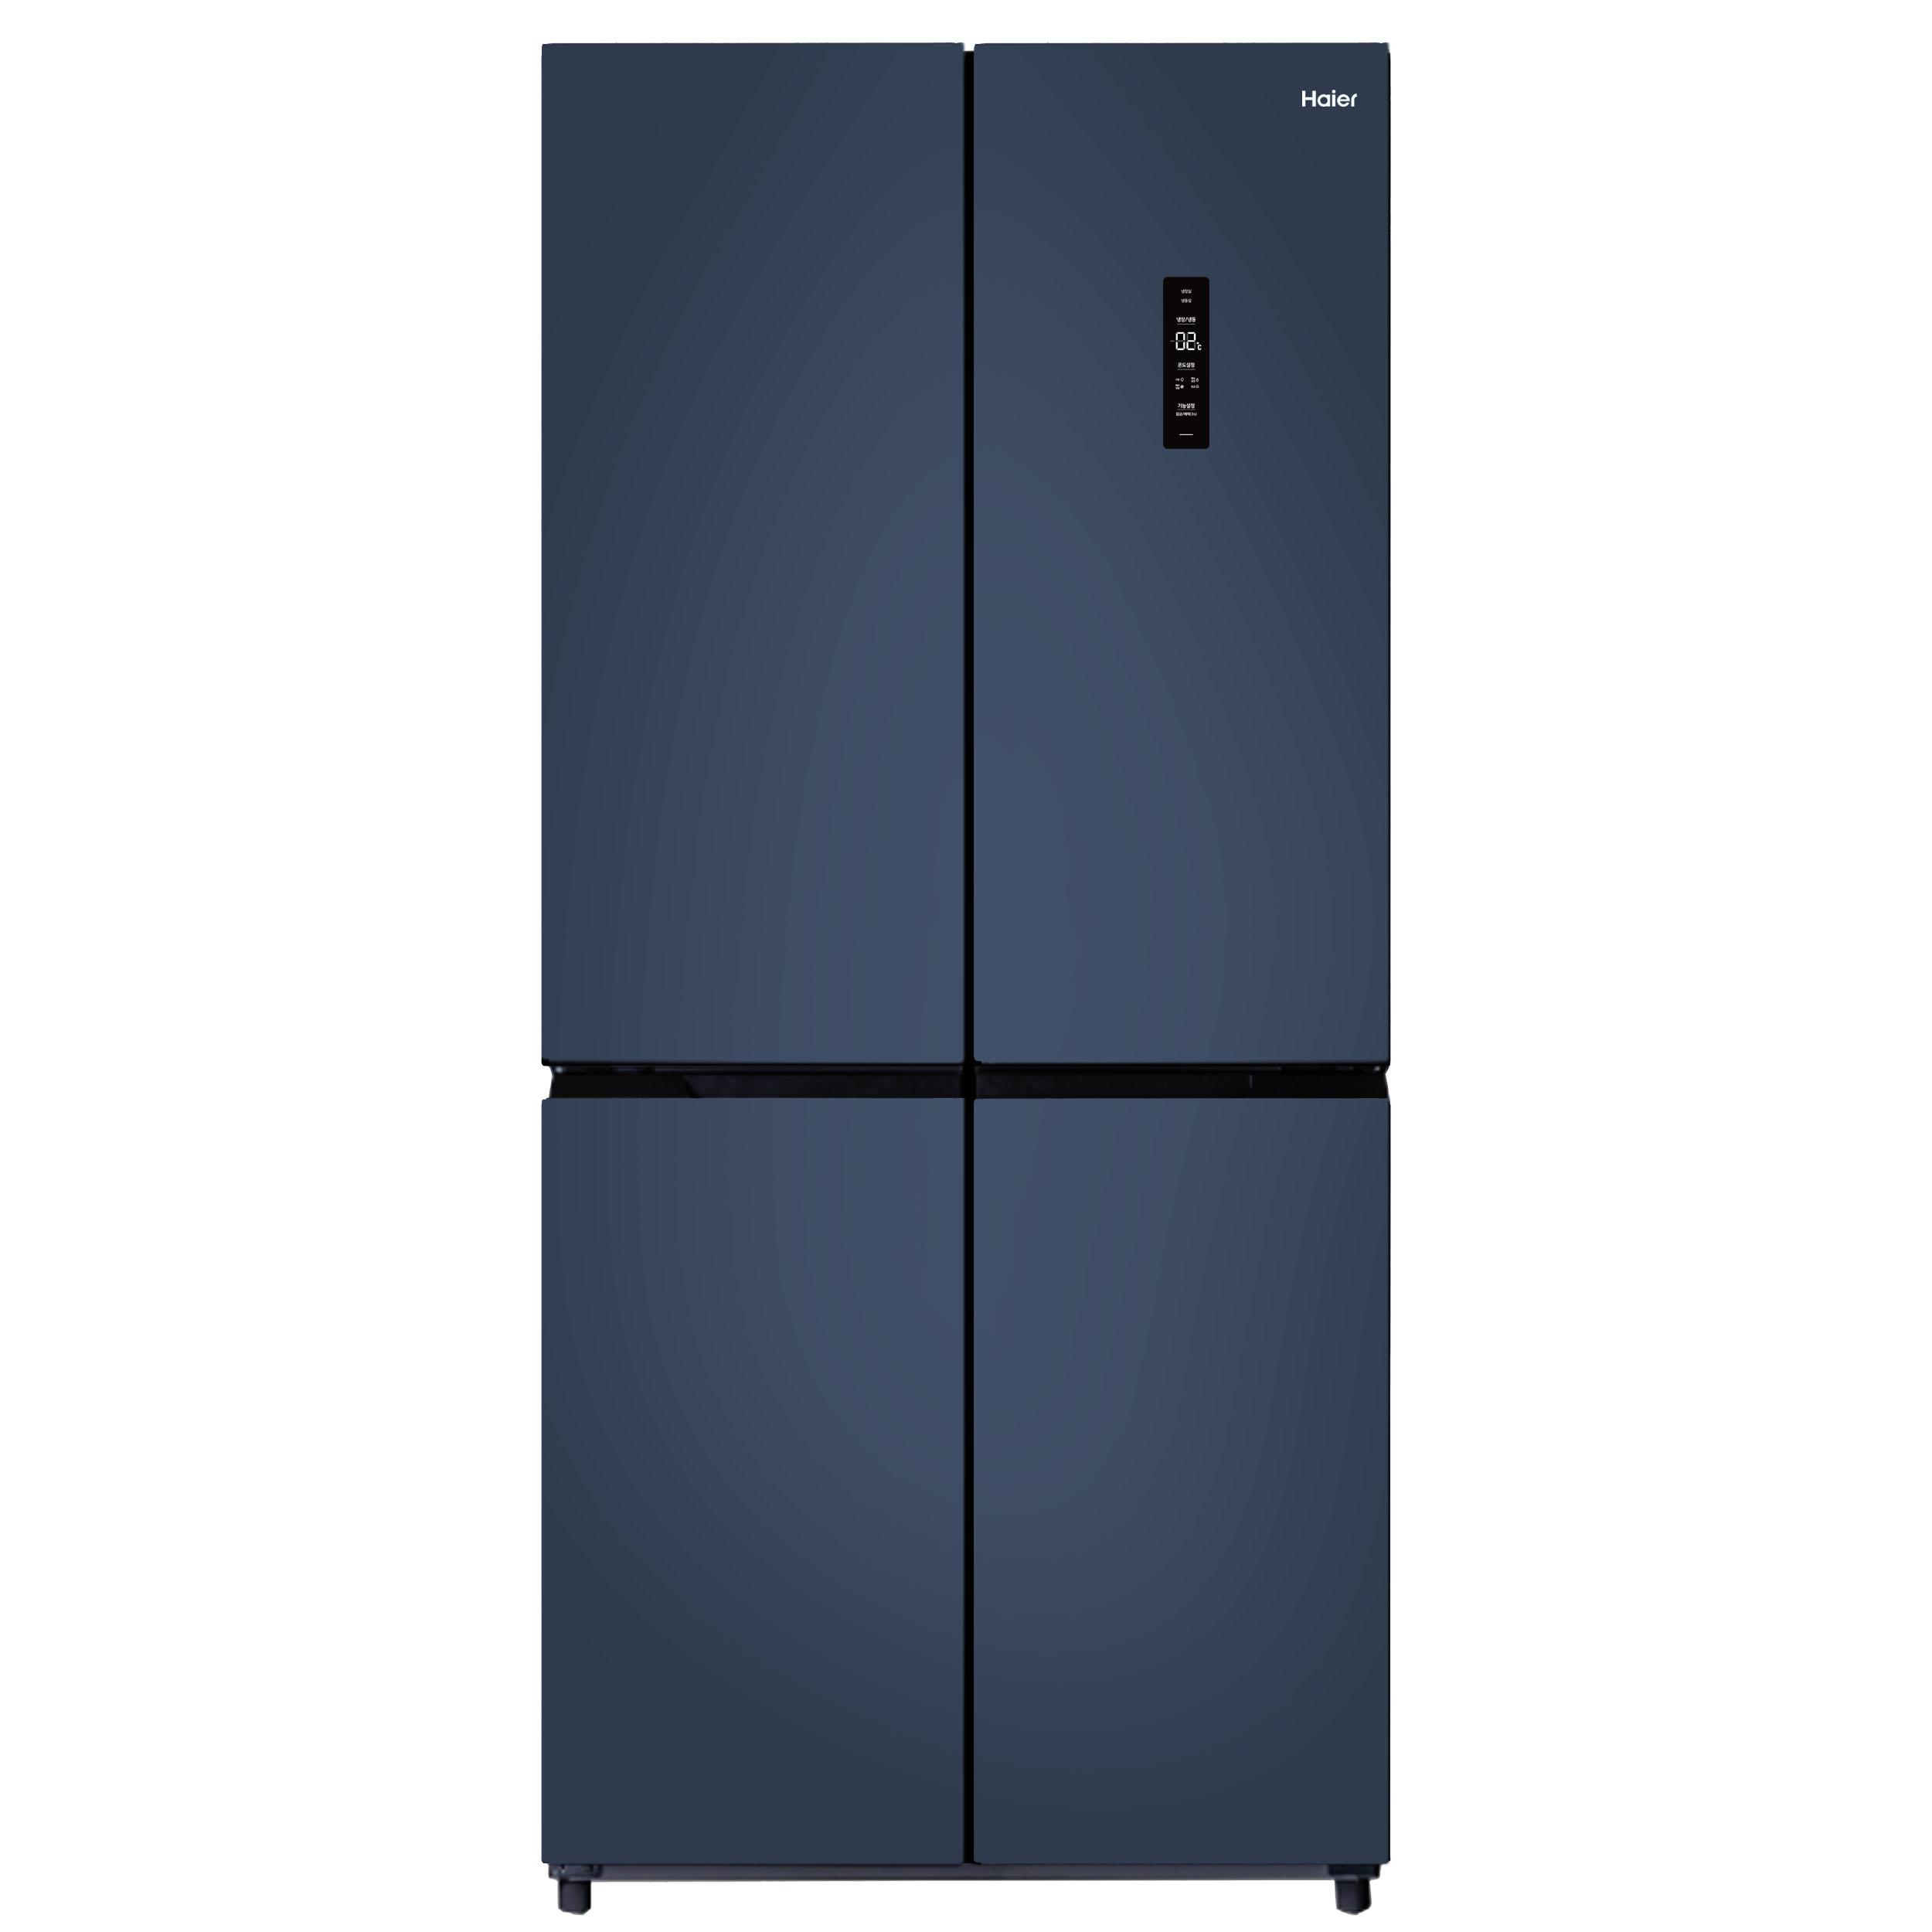 하이얼 인버터 세미빌트인 양문형 4도어 냉장고 HRS445MNB 433L 방문설치-8-5430202750